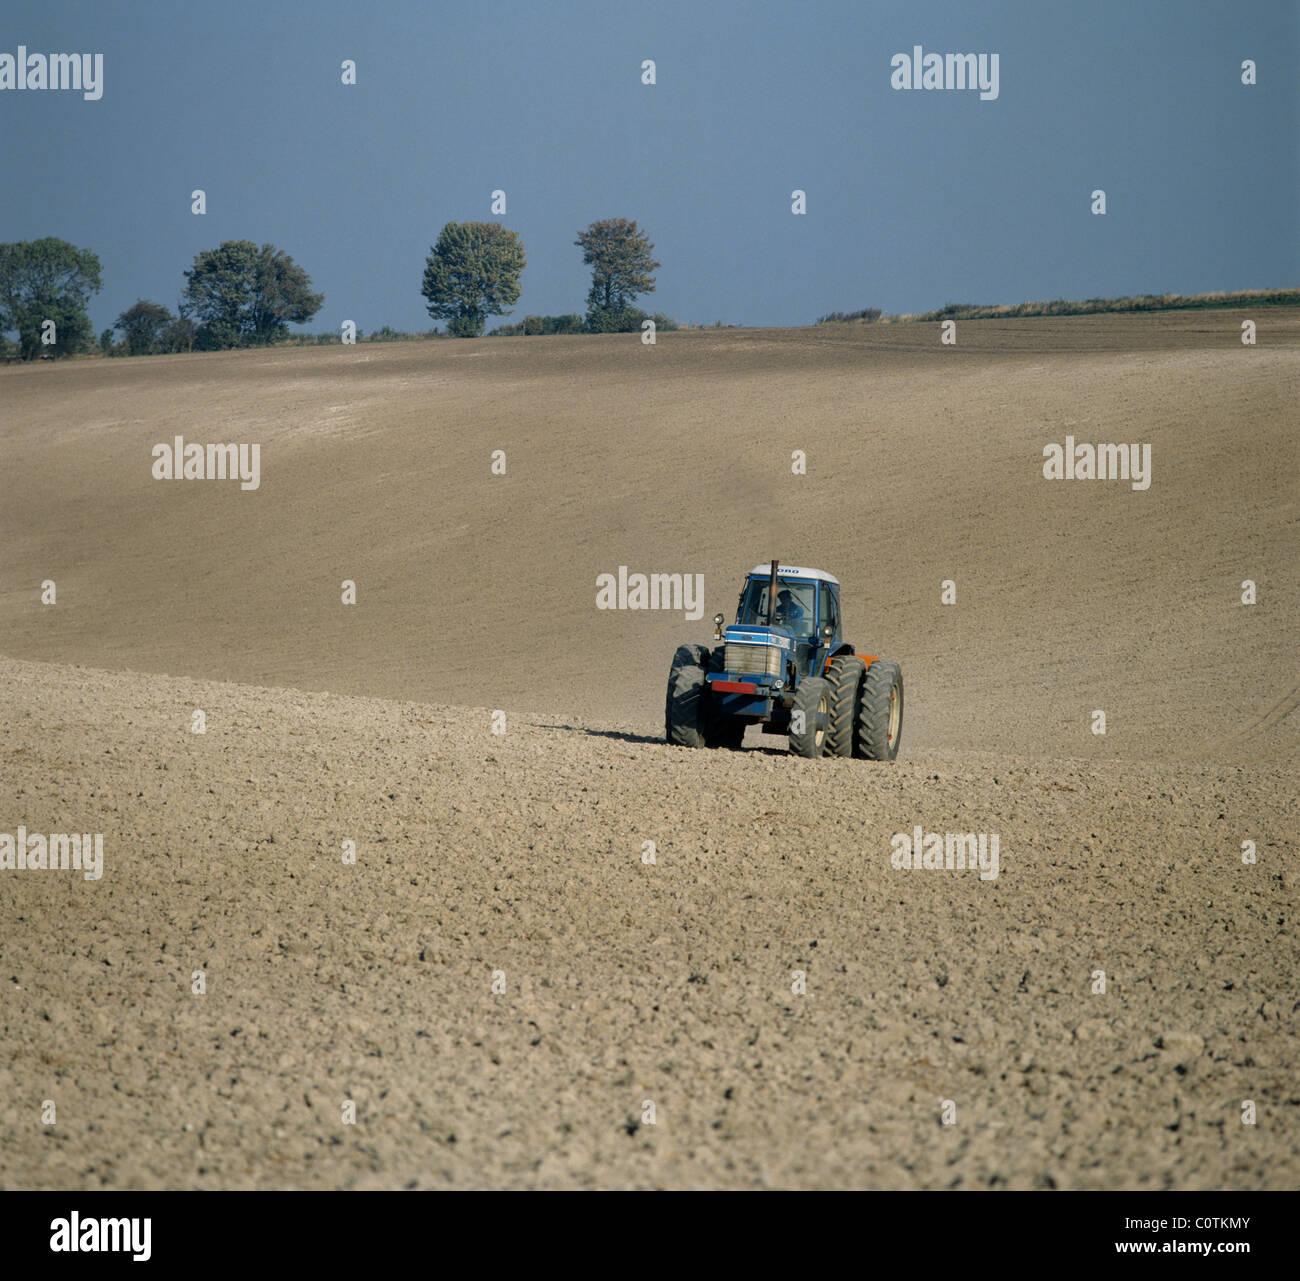 Tracteur avec épandeur d'engrais Amazone disc propagation sur une pépinière de craie downland Photo Stock